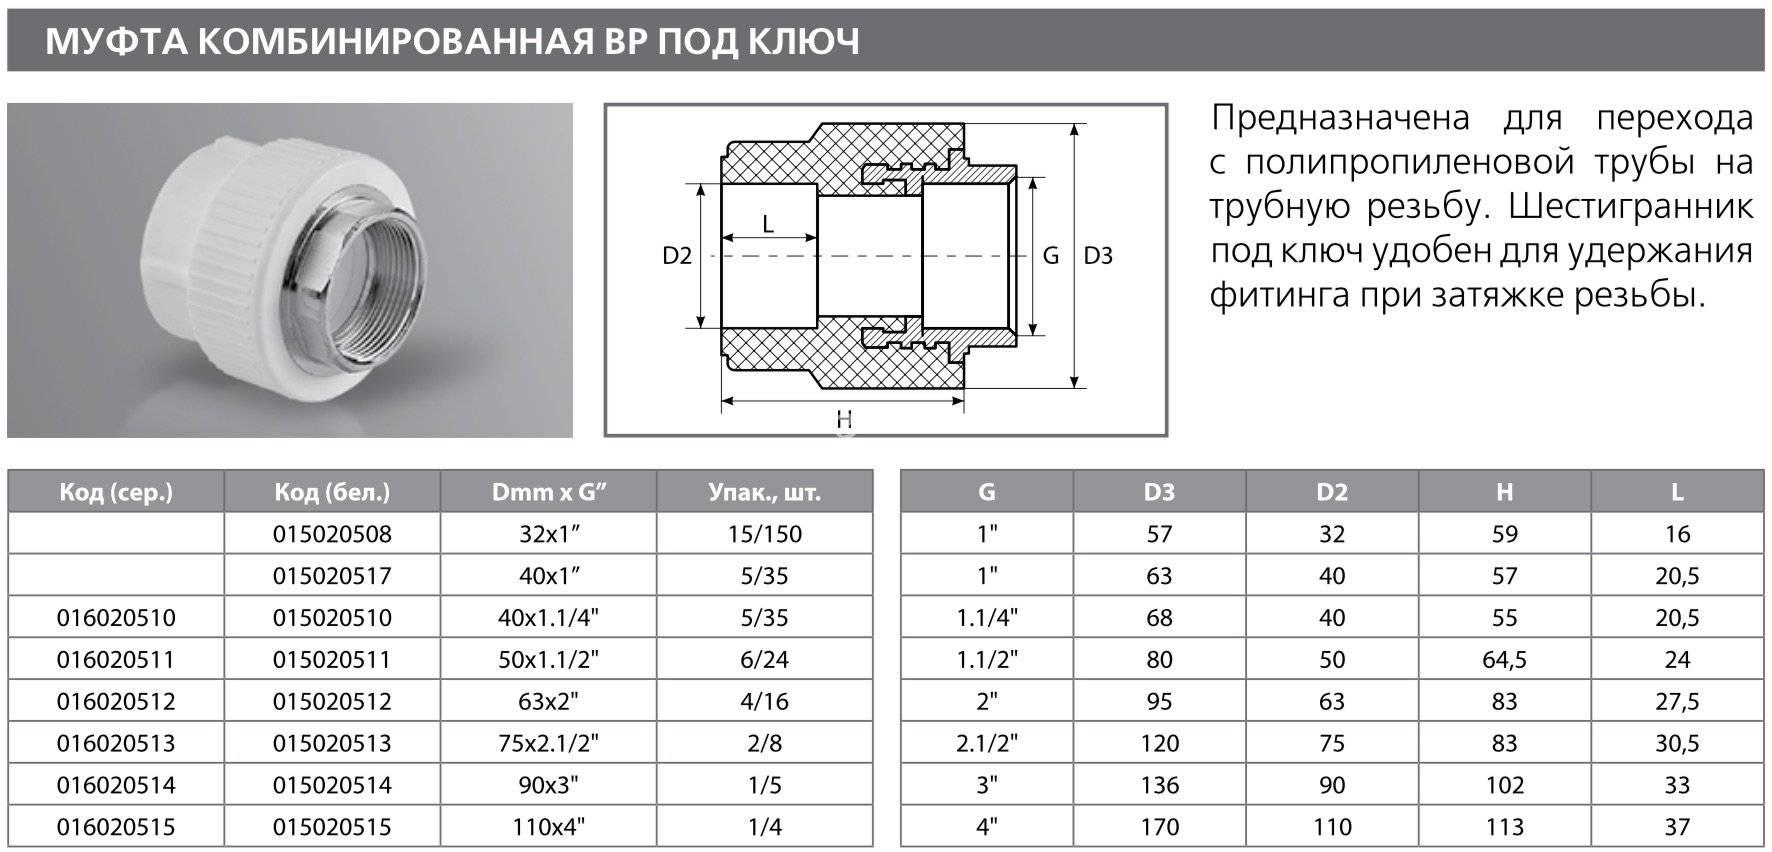 Металлопластиковая труба технические характеристики и особенности